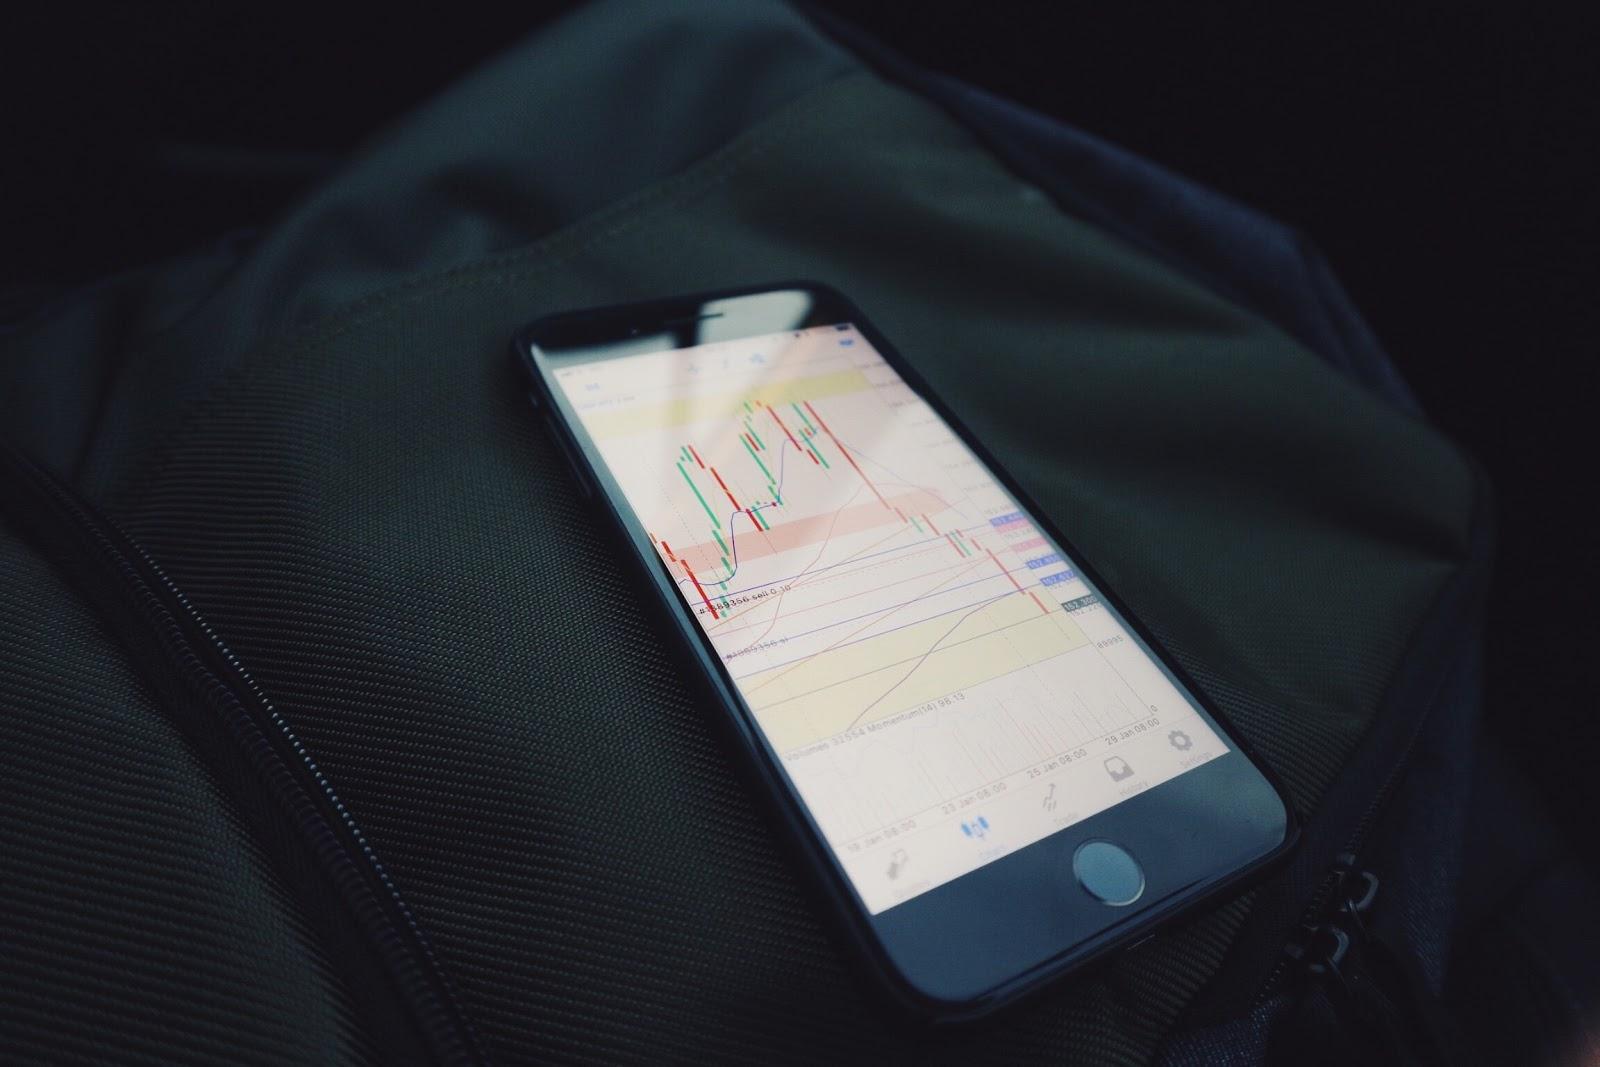 Teléfono celular que muestra una aplicación de inversión